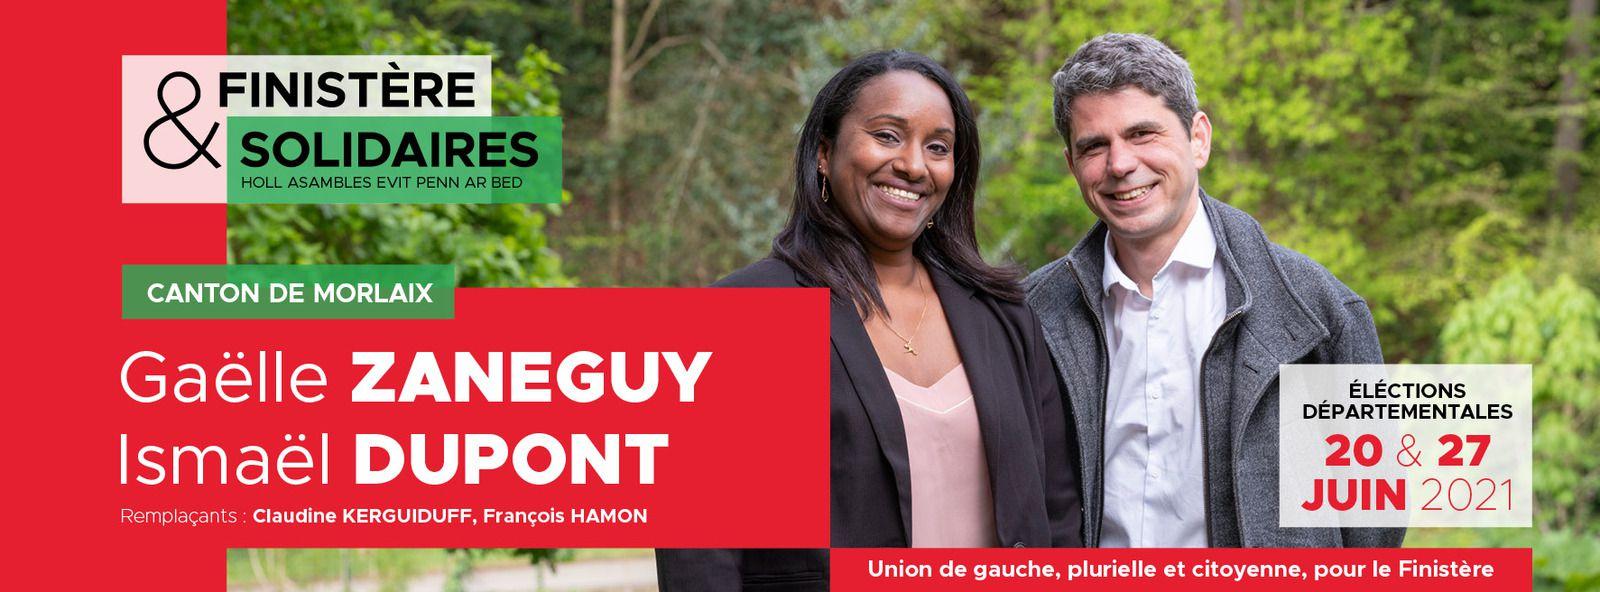 Départementales - Carnet de campagne de Gaëlle Zaneguy, Ismaël Dupont, Claudine Kerguiduff, François Hamon, Finistère & Solidaires